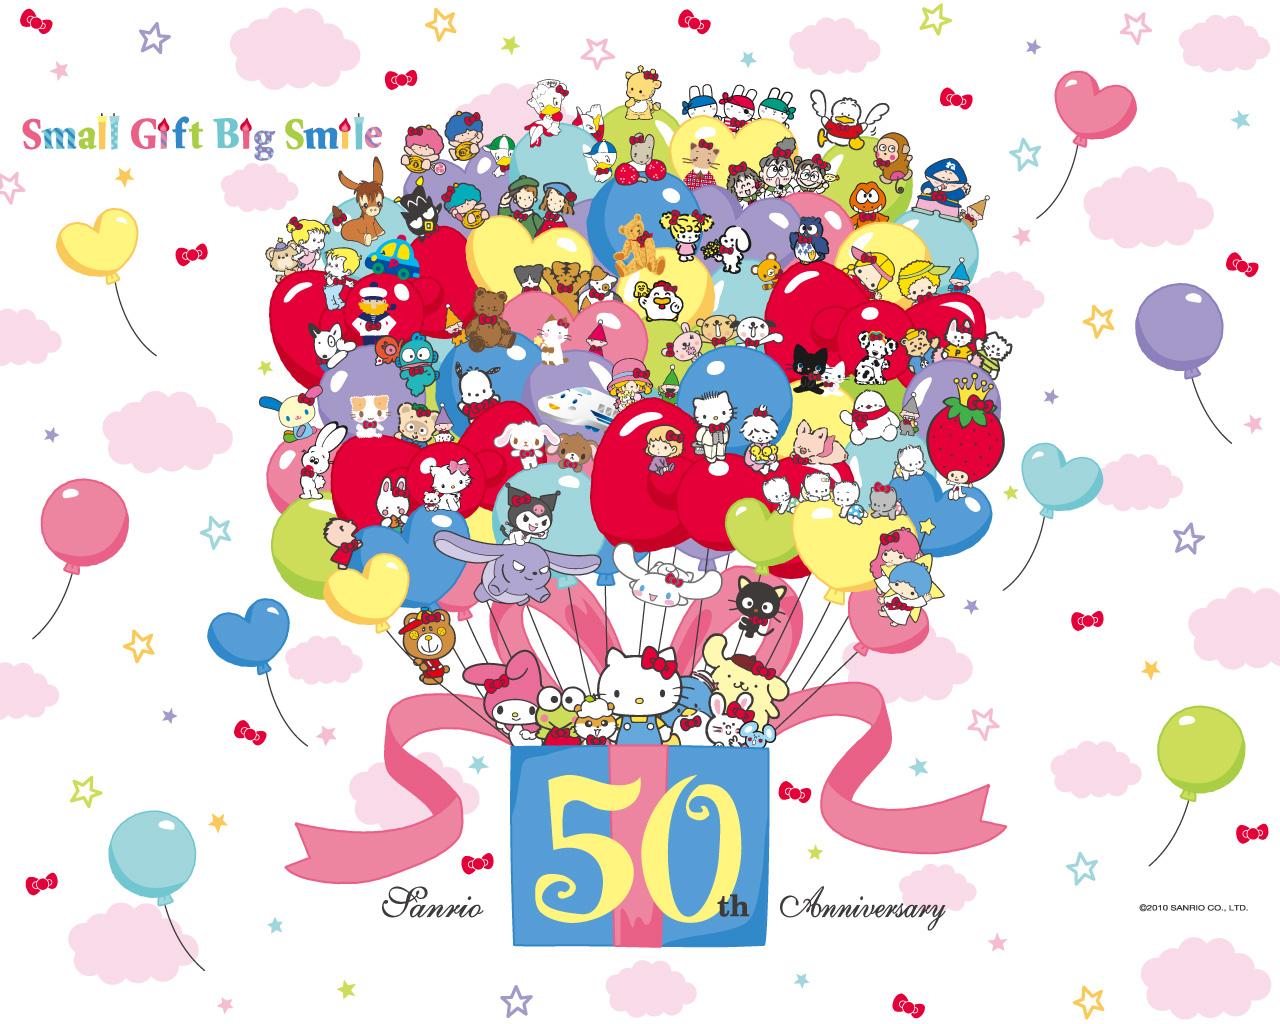 sanrio 50th anniversary - photo #3